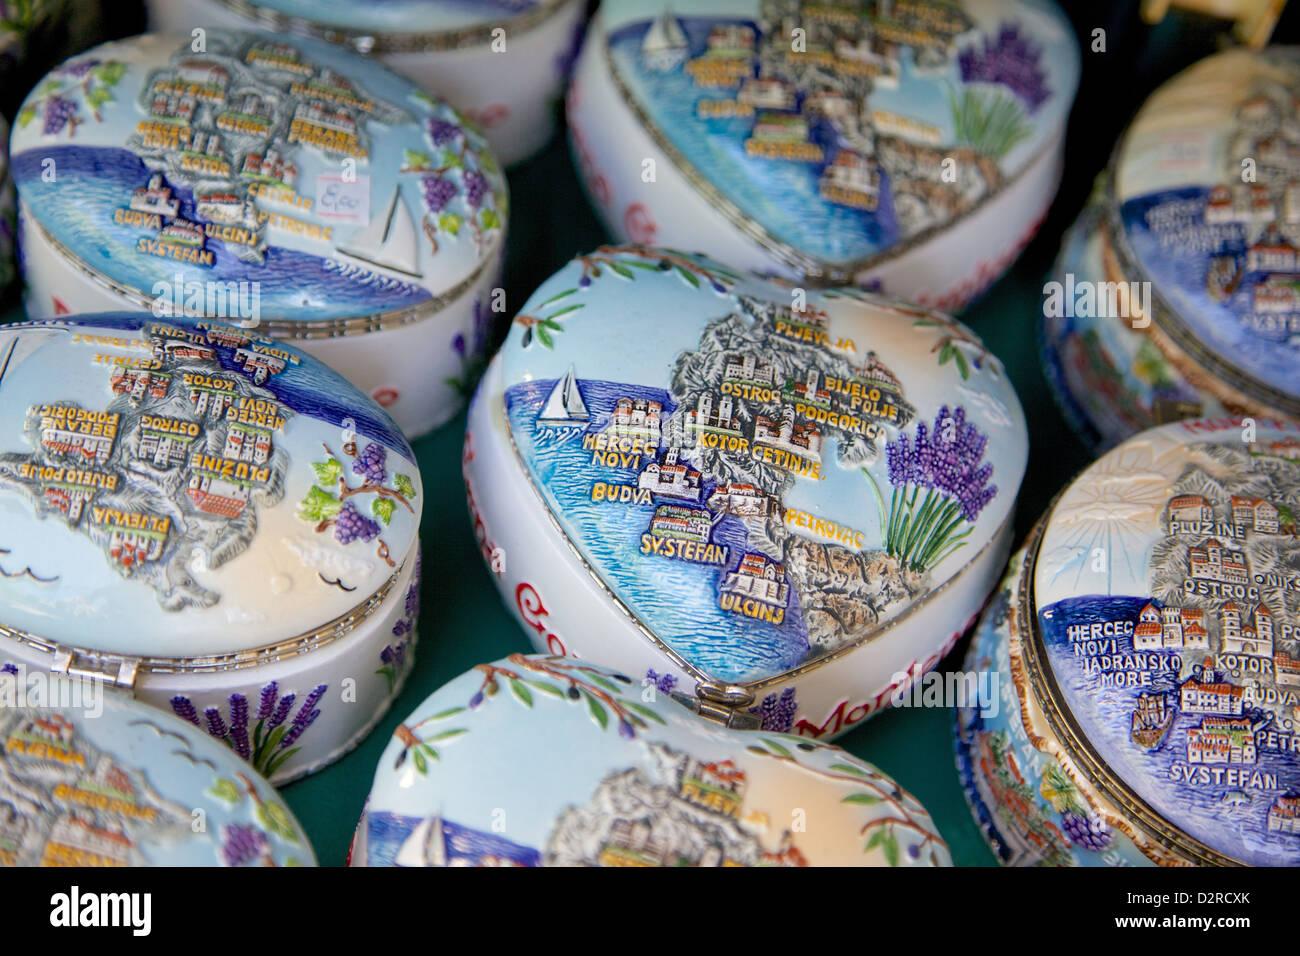 Souvenir pottery, Old Town, Budva, Montenegro, Europe - Stock Image